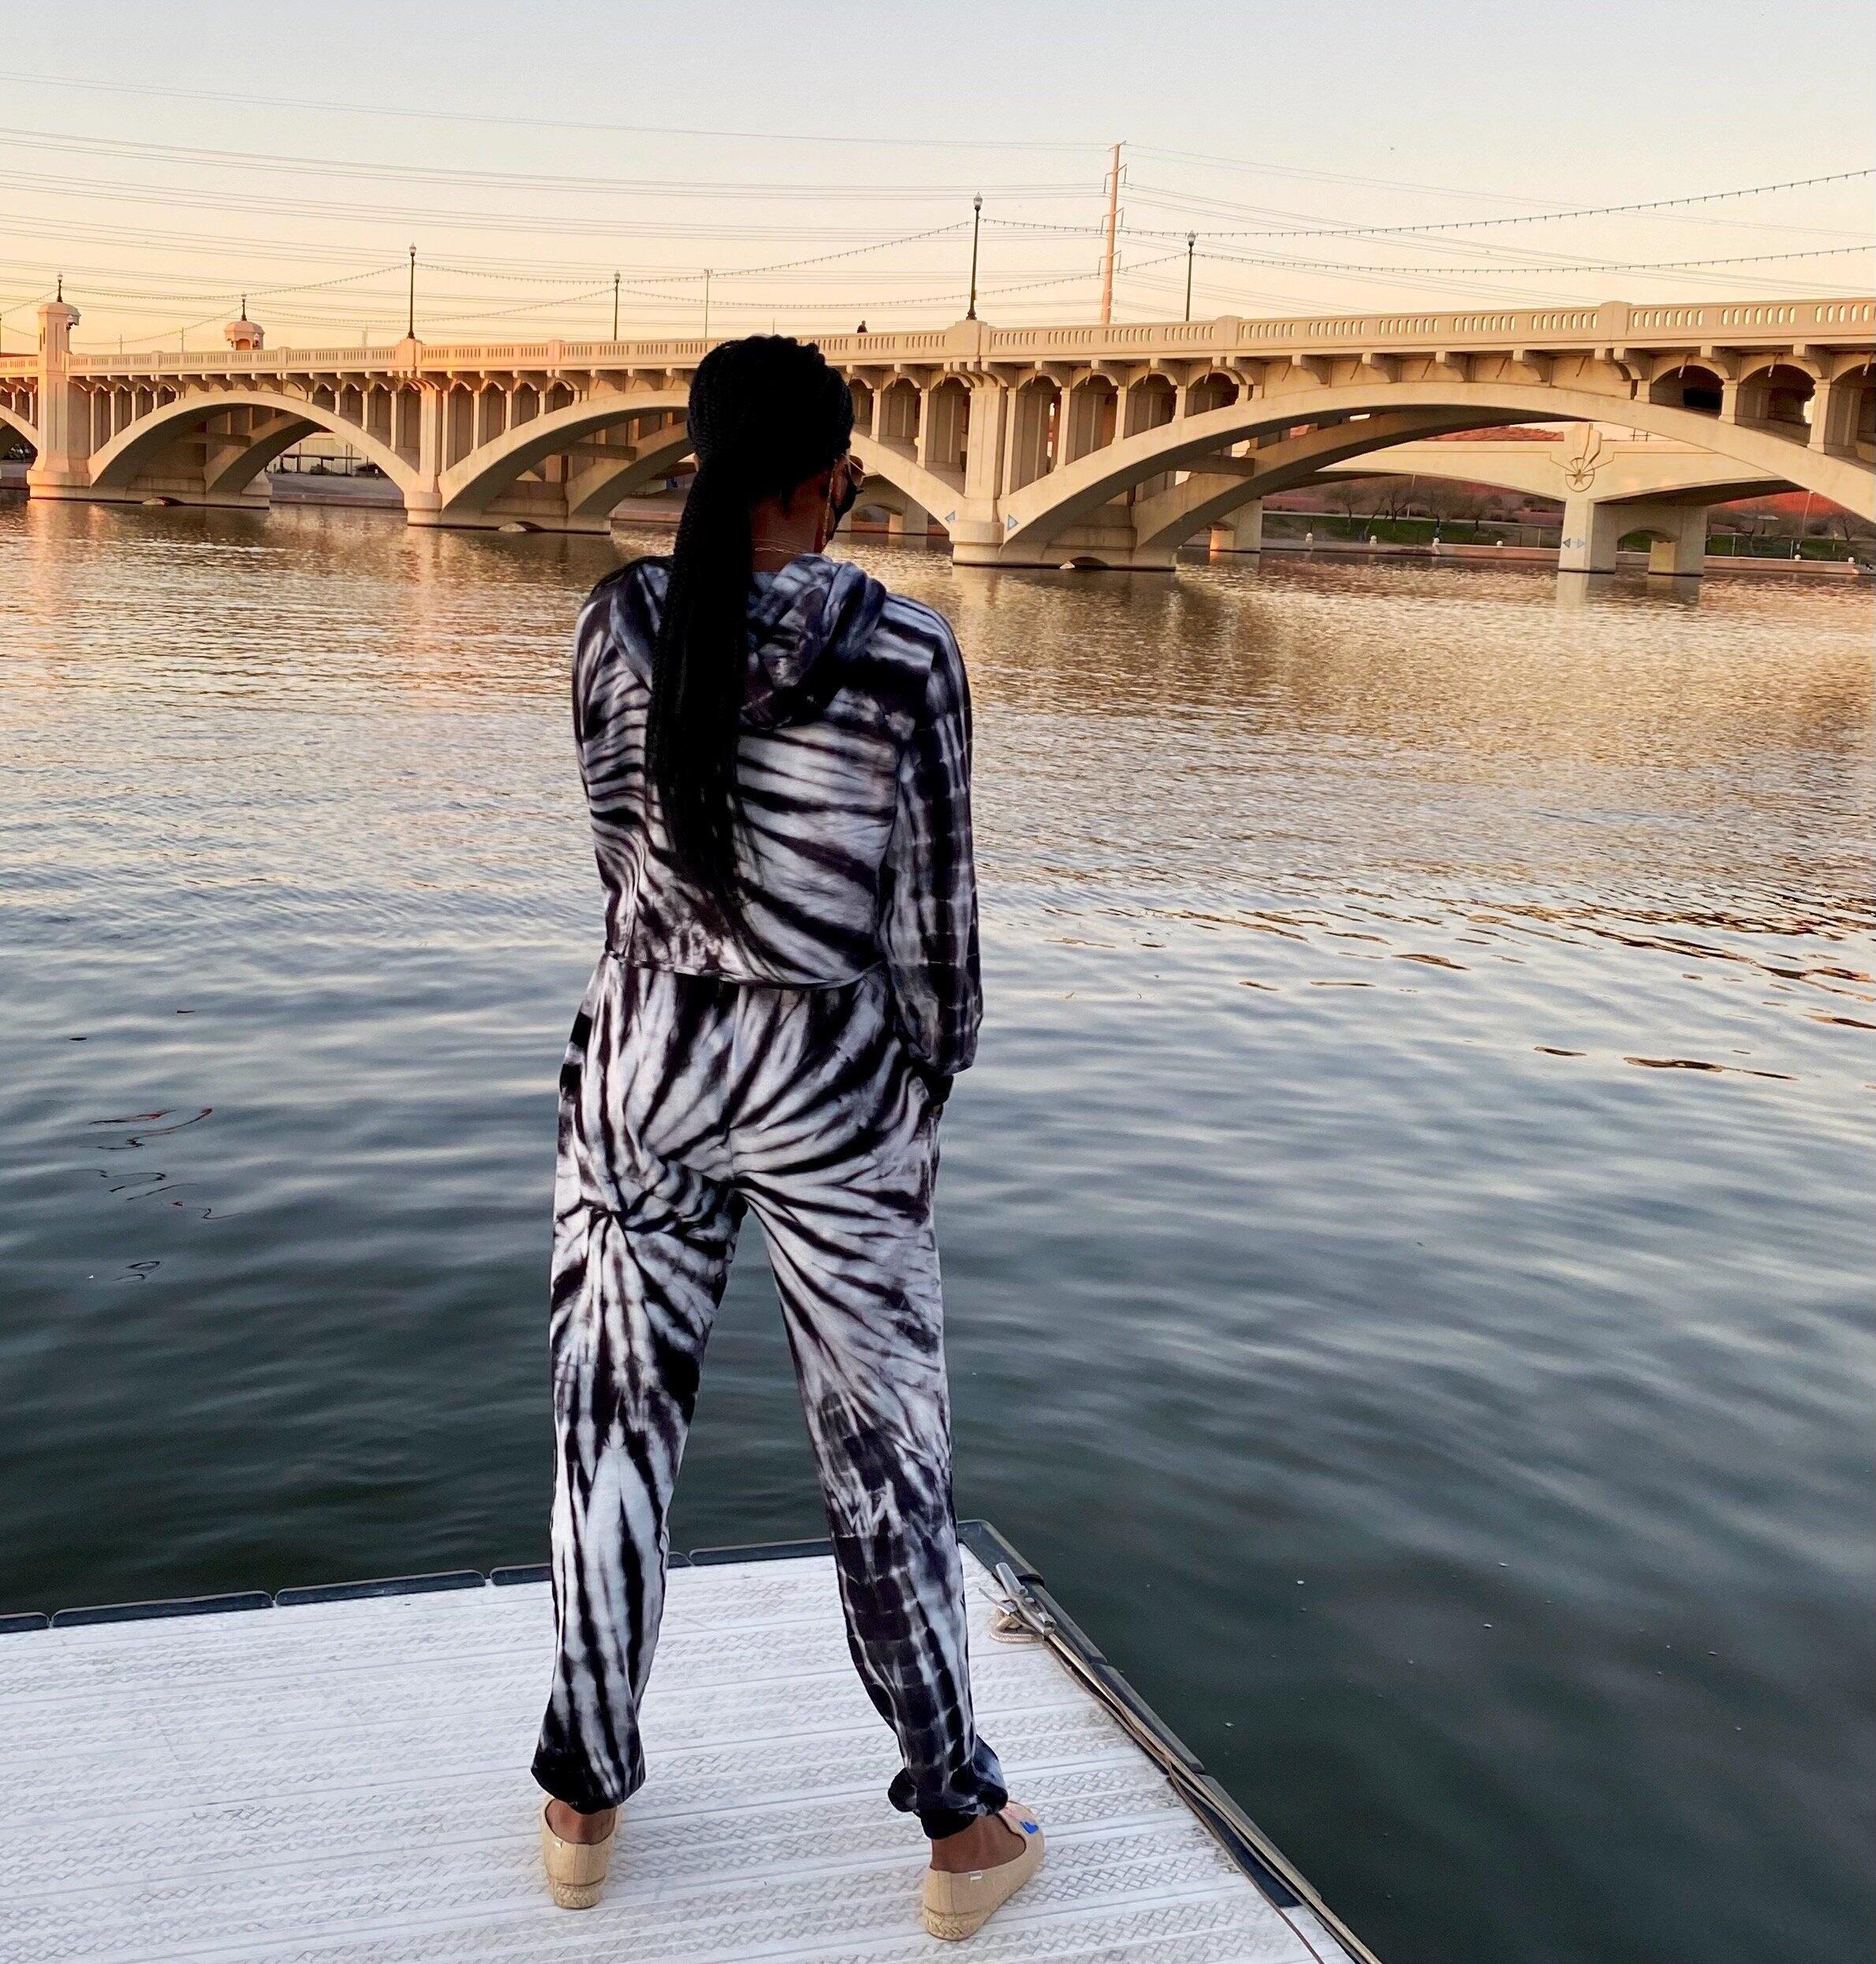 Sunset+at+Tempe+Town+Lake